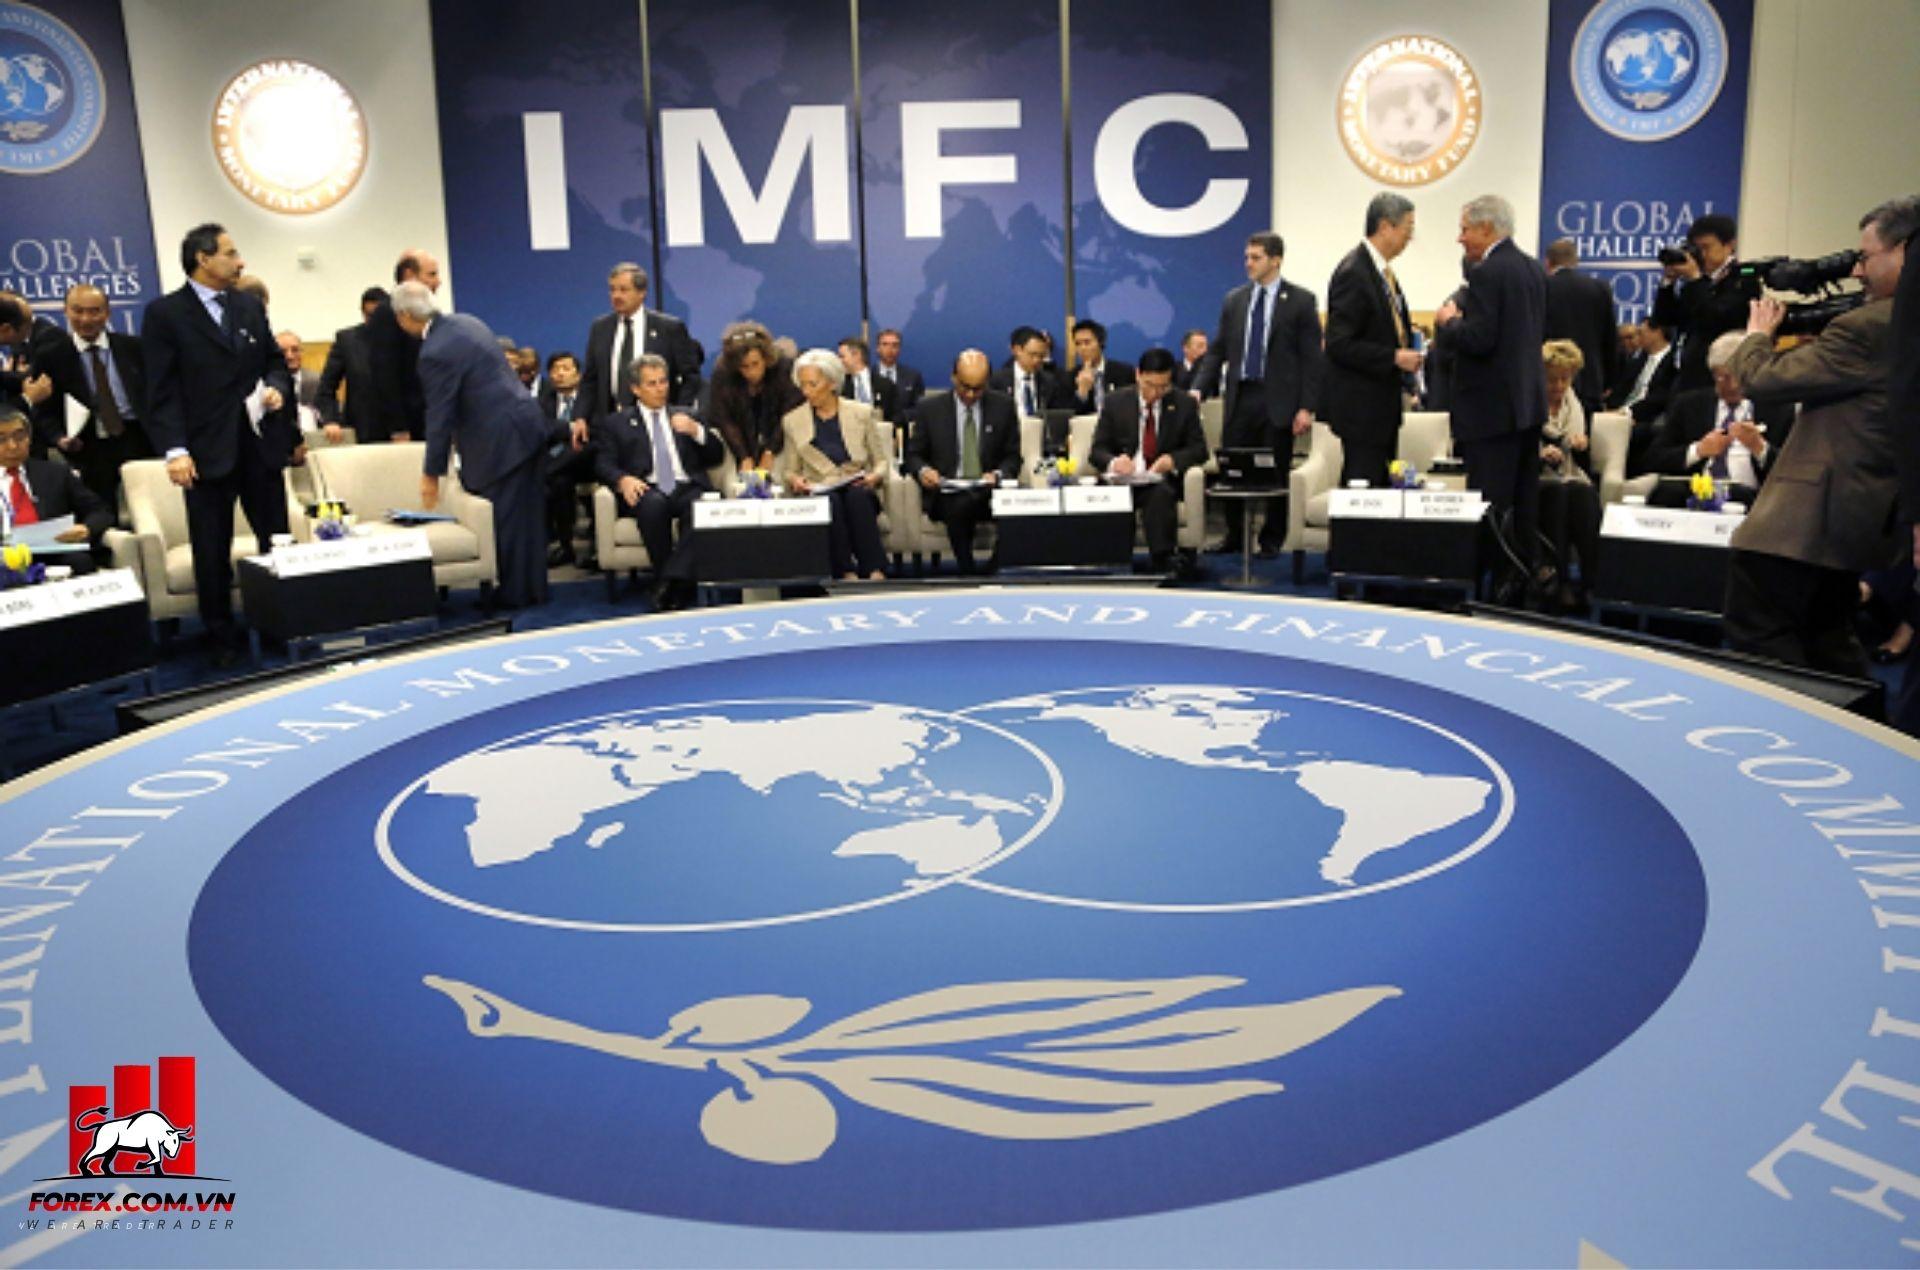 cuộc tranh luận của ủy ban chỉ đạo Quỹ Tiền tệ Quốc tế